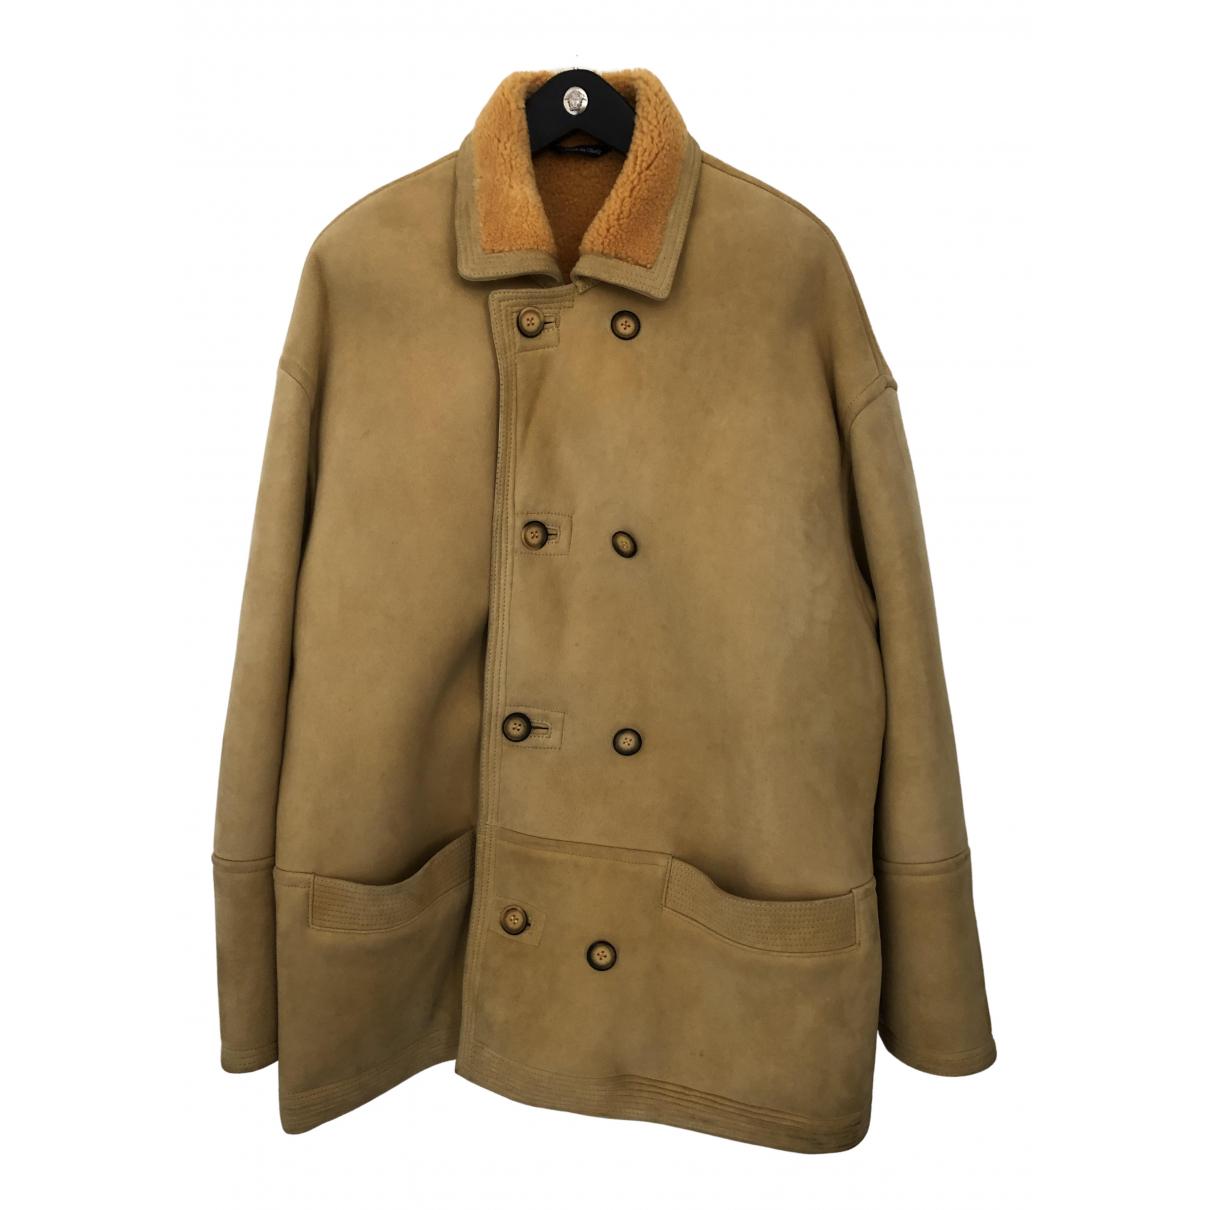 Versus - Manteau   pour homme en mouton - beige